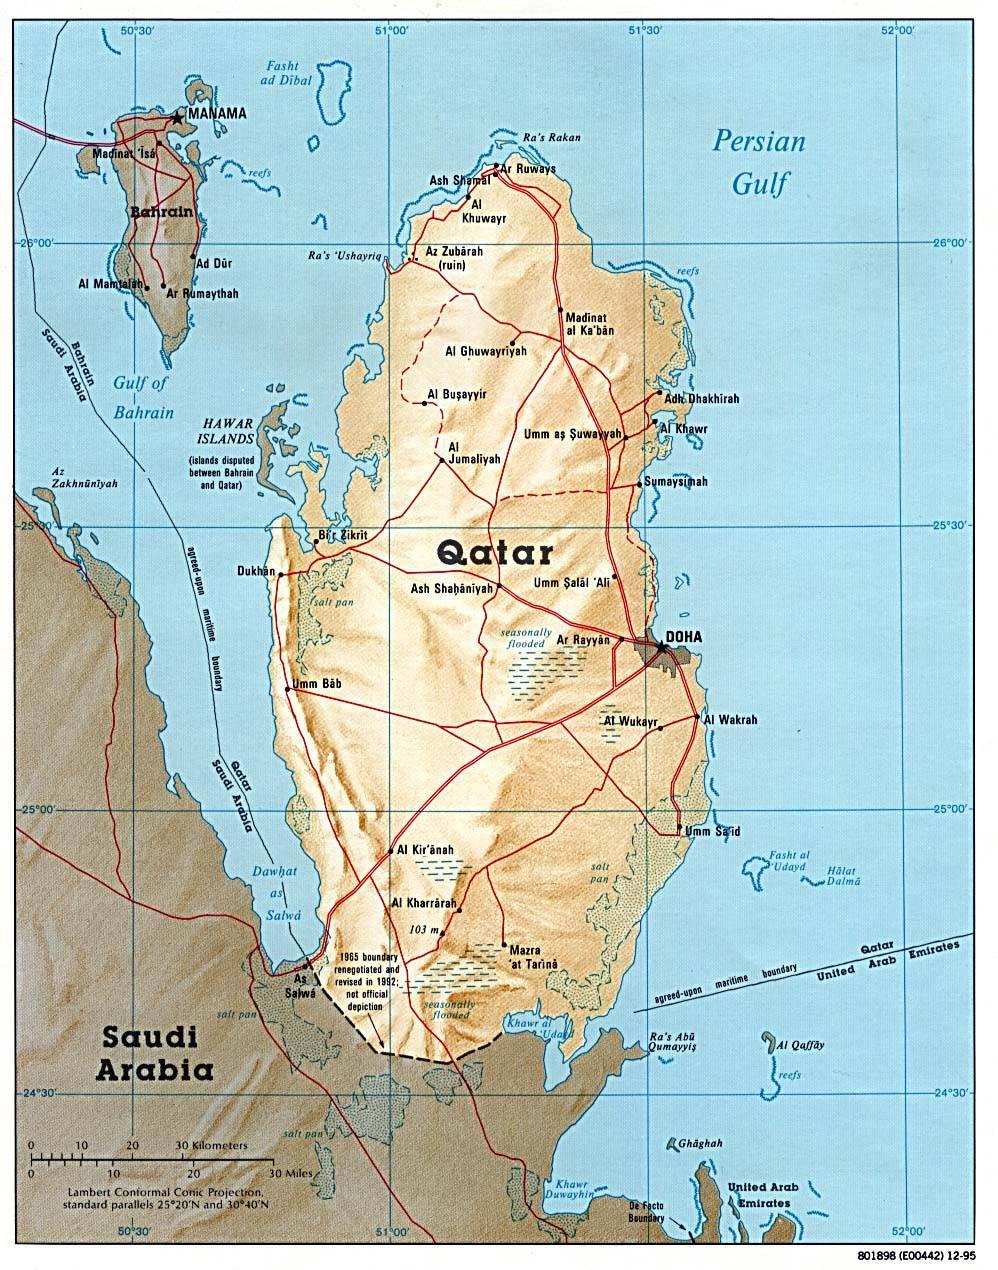 Carte détaillée du Qatar